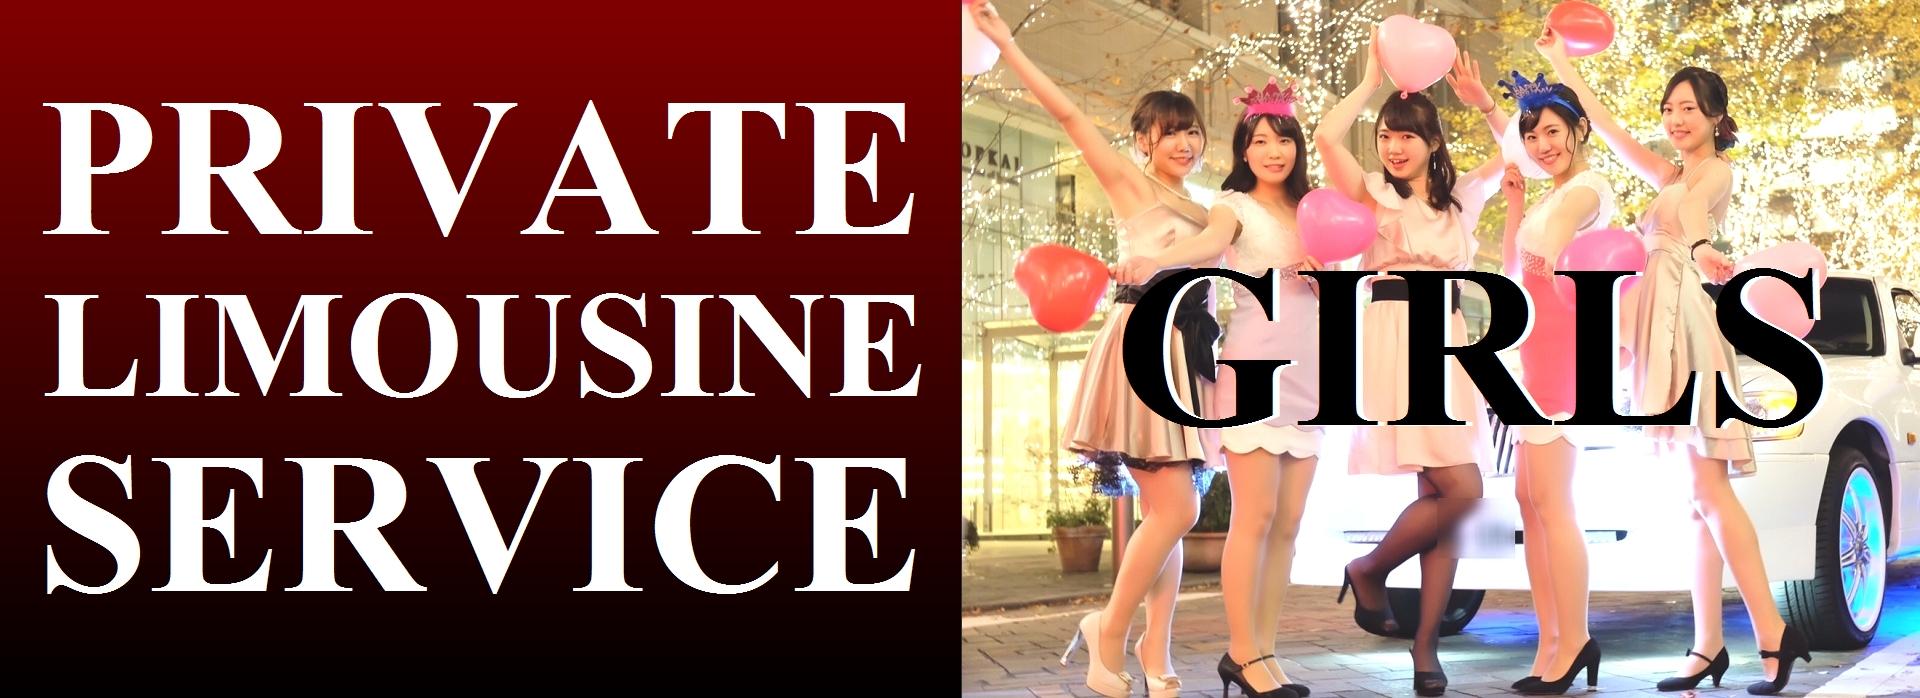 リムジンレストランディナー付きの豪華な女子会格安予約サイト